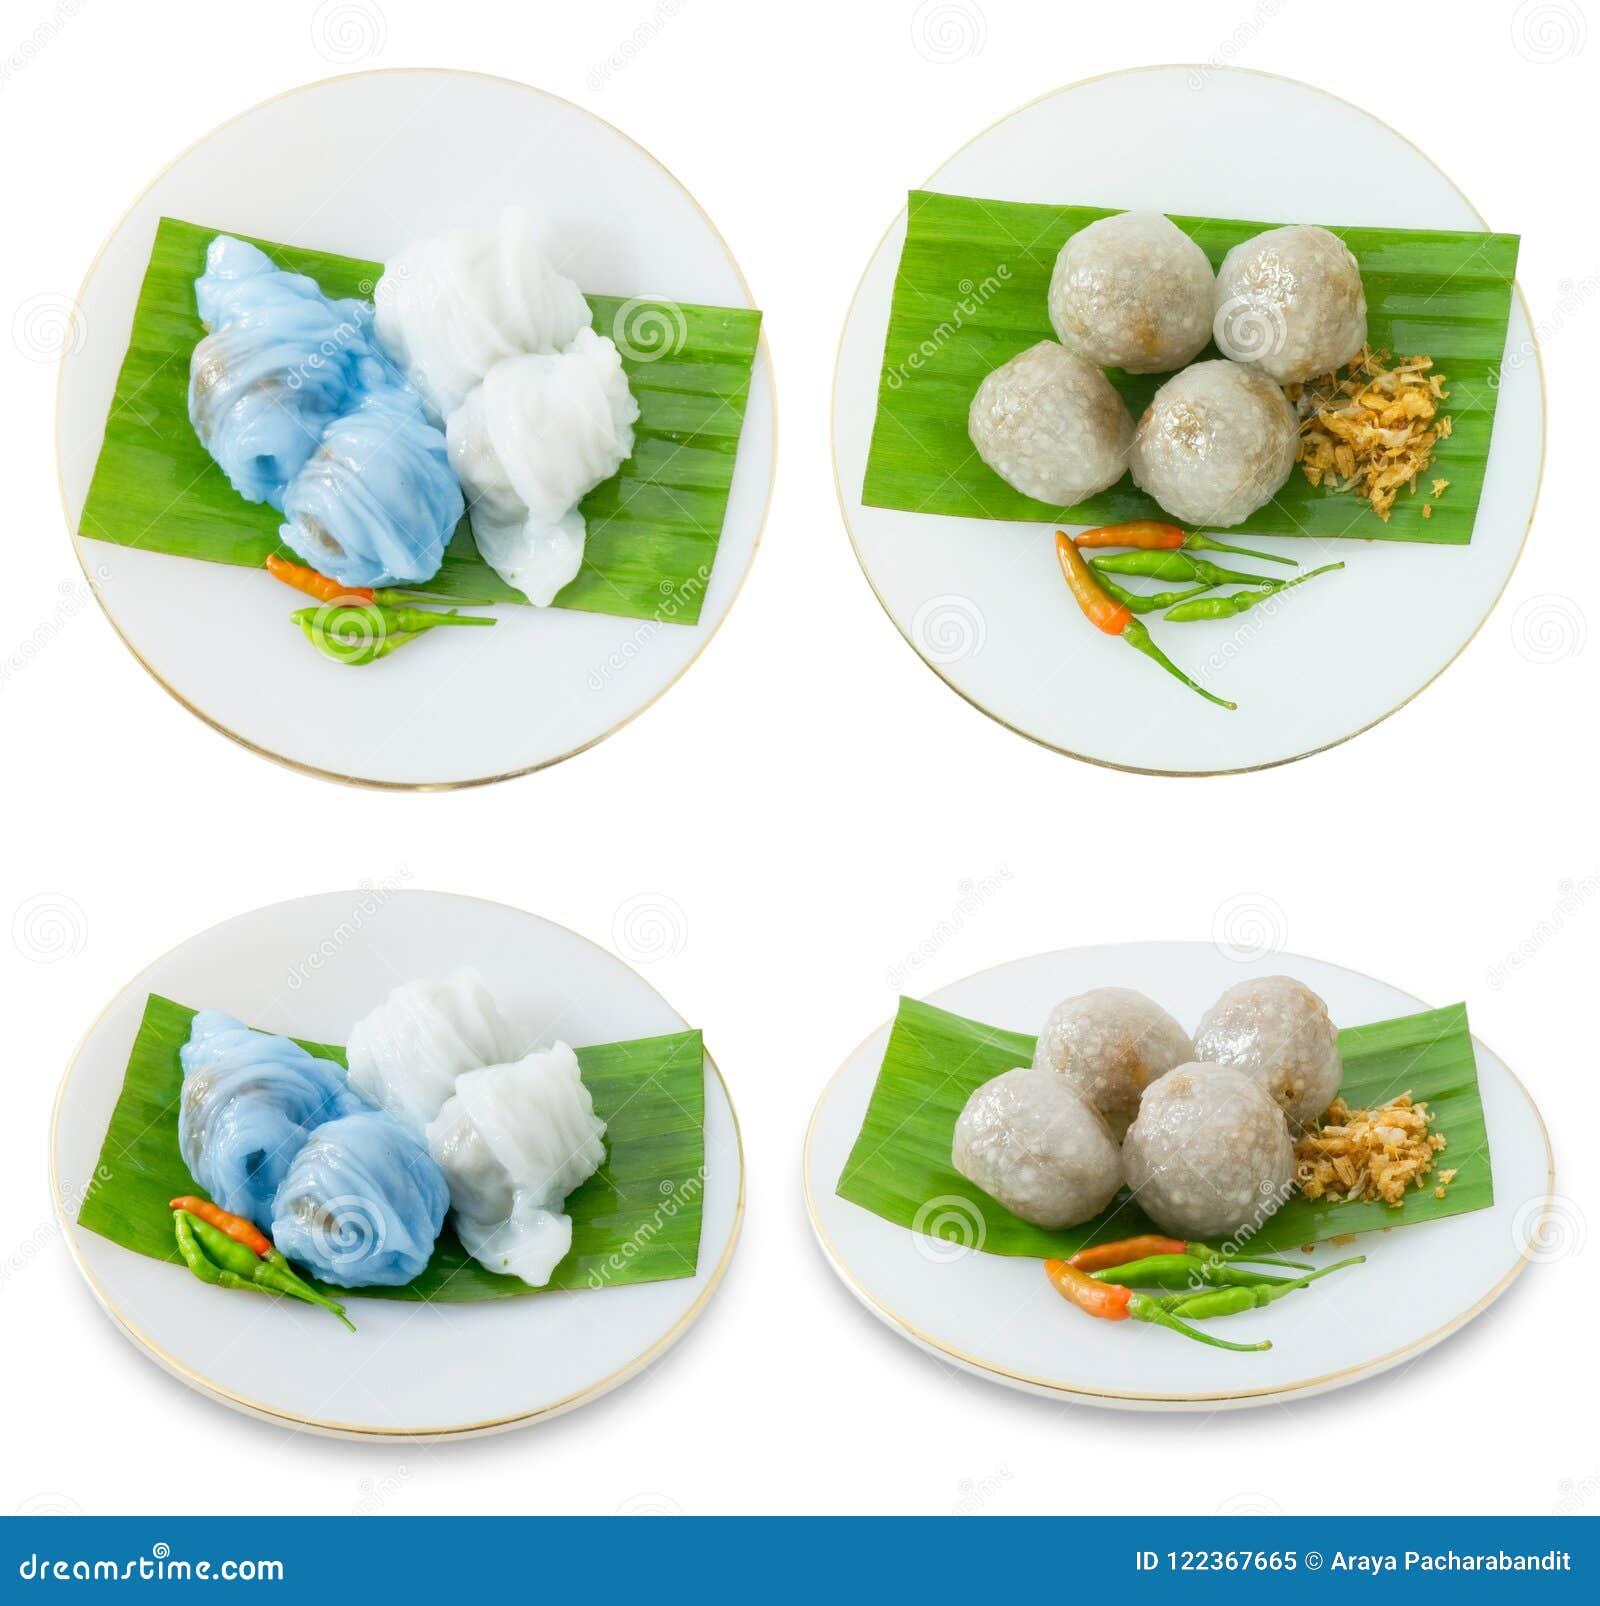 Bola de masa hervida cocida al vapor tailandesa de la piel del arroz con las bolas de la tapioca